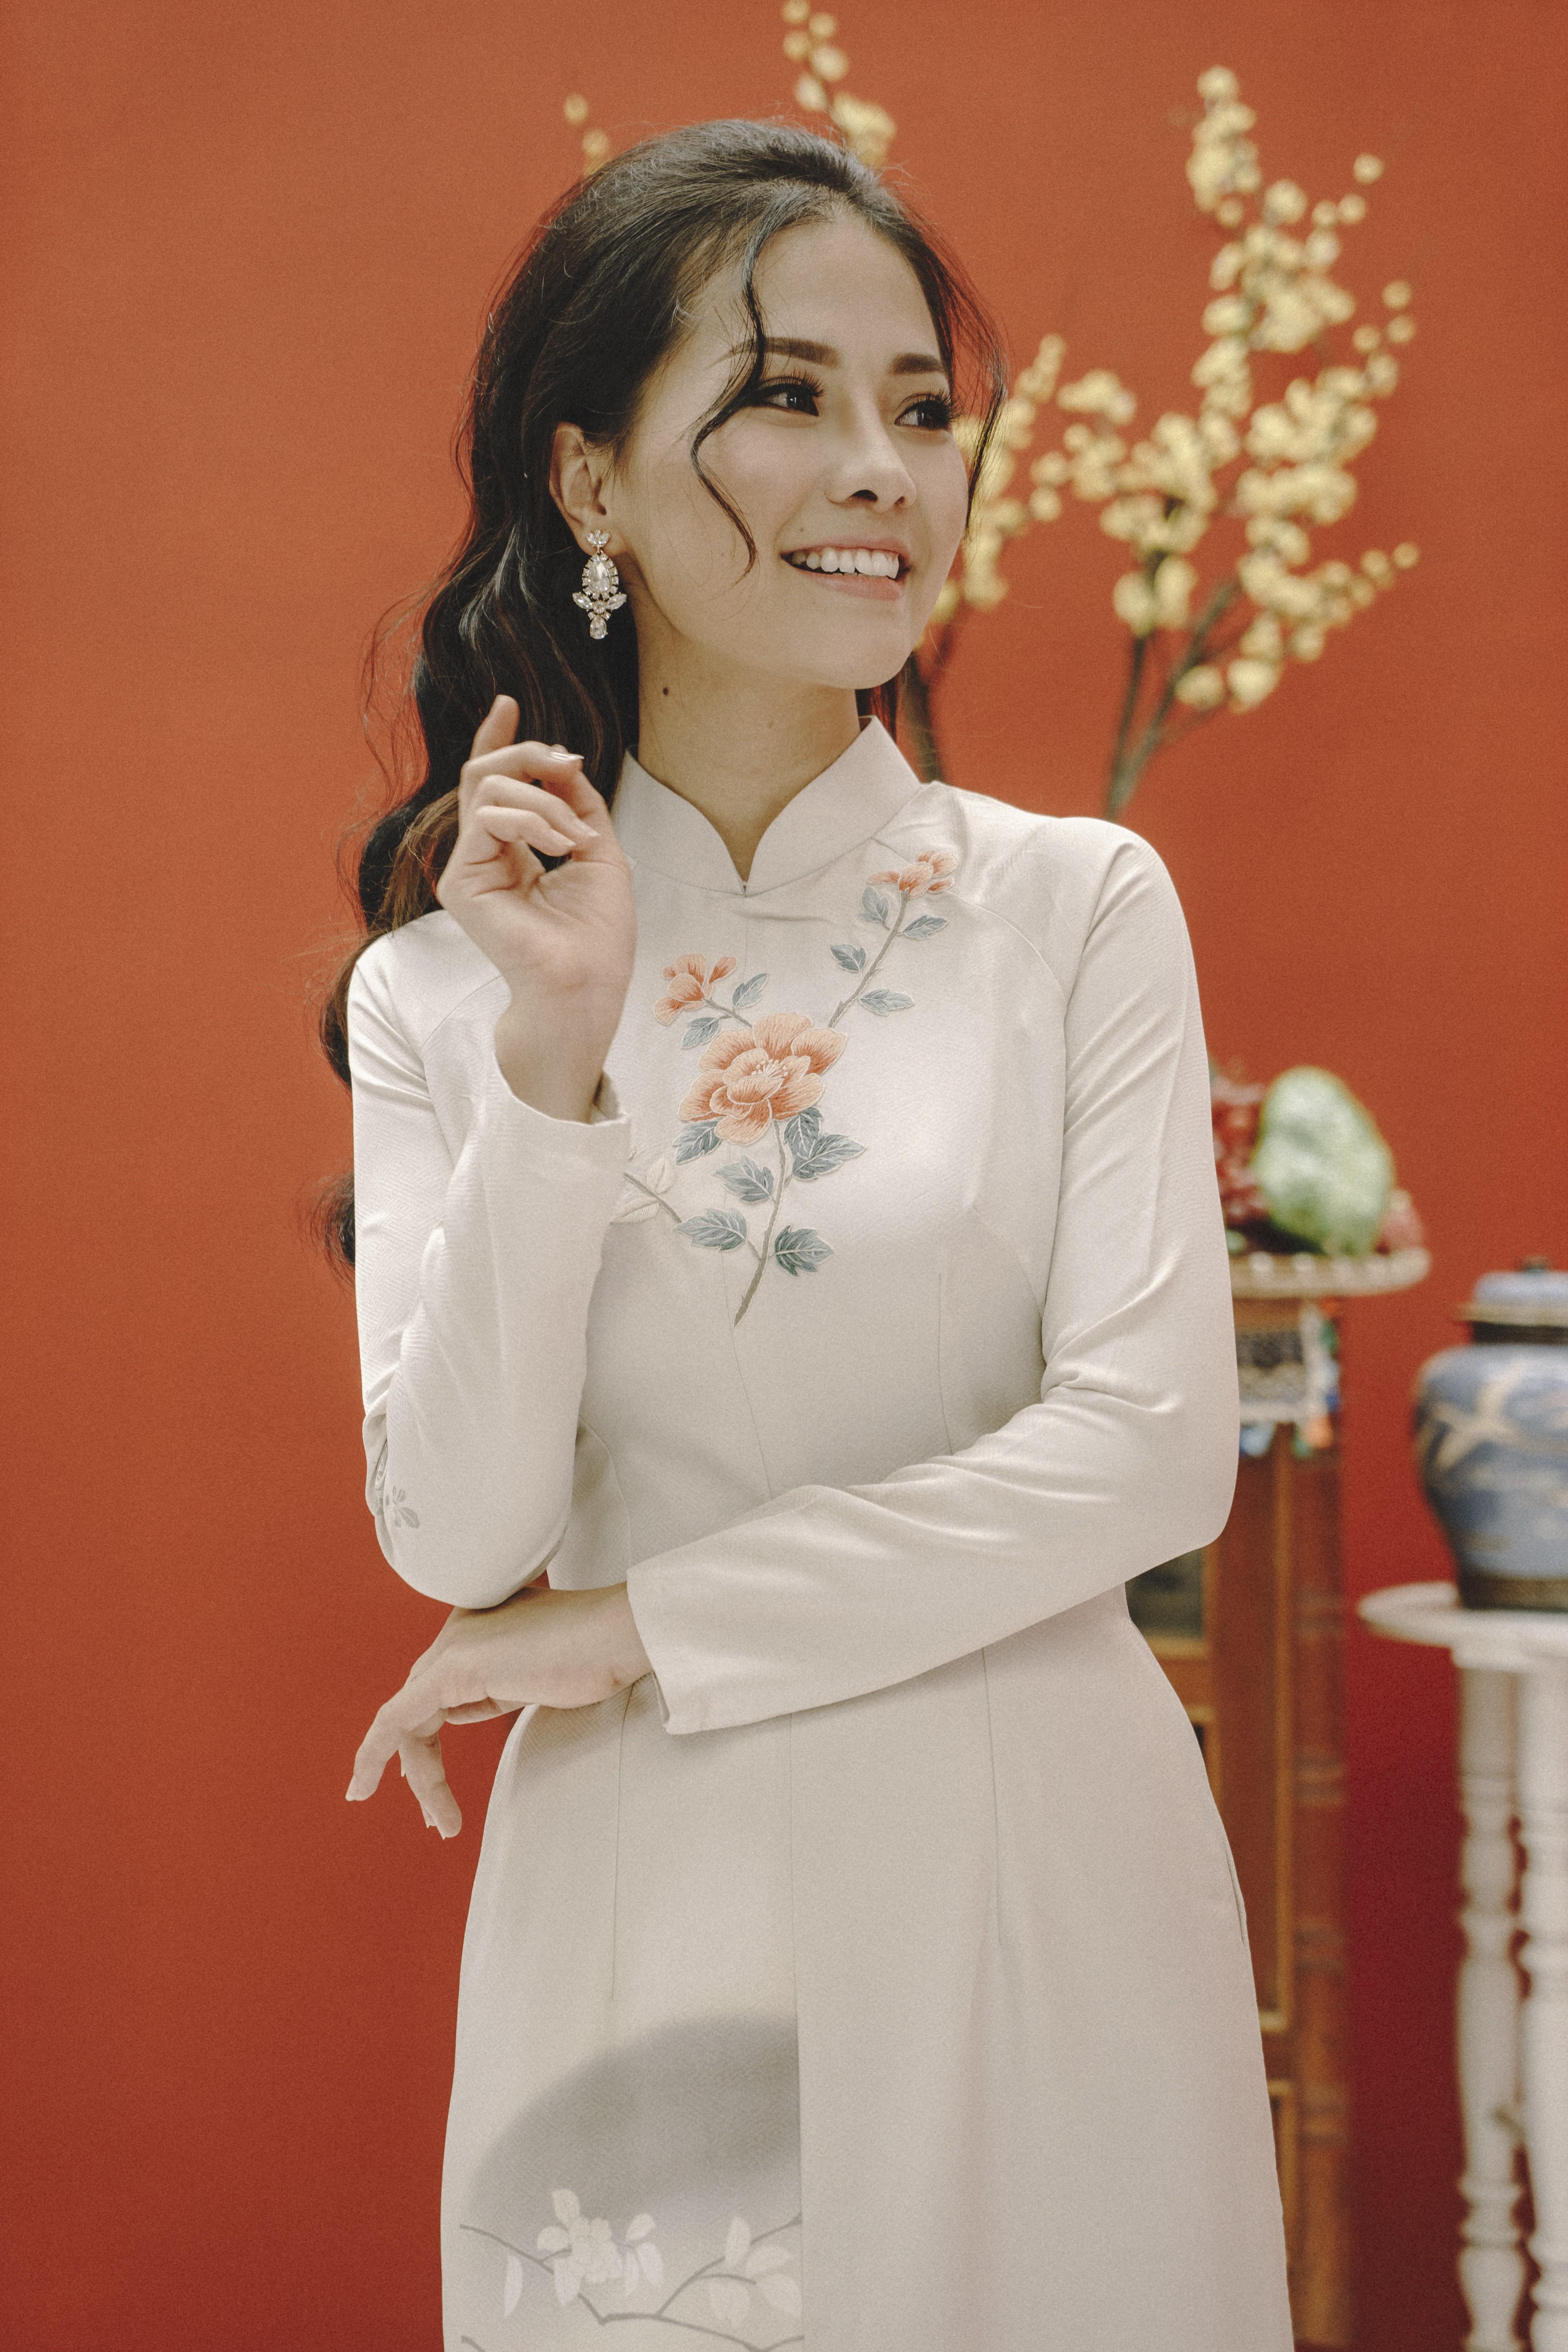 Những chiếc hoa tai đính đá lấp lánh sẽ giúp các nàng nổi bật hơn nhiều dù có mặc một chiếc áo dài cực kì đơn giản đi chăng nữa.